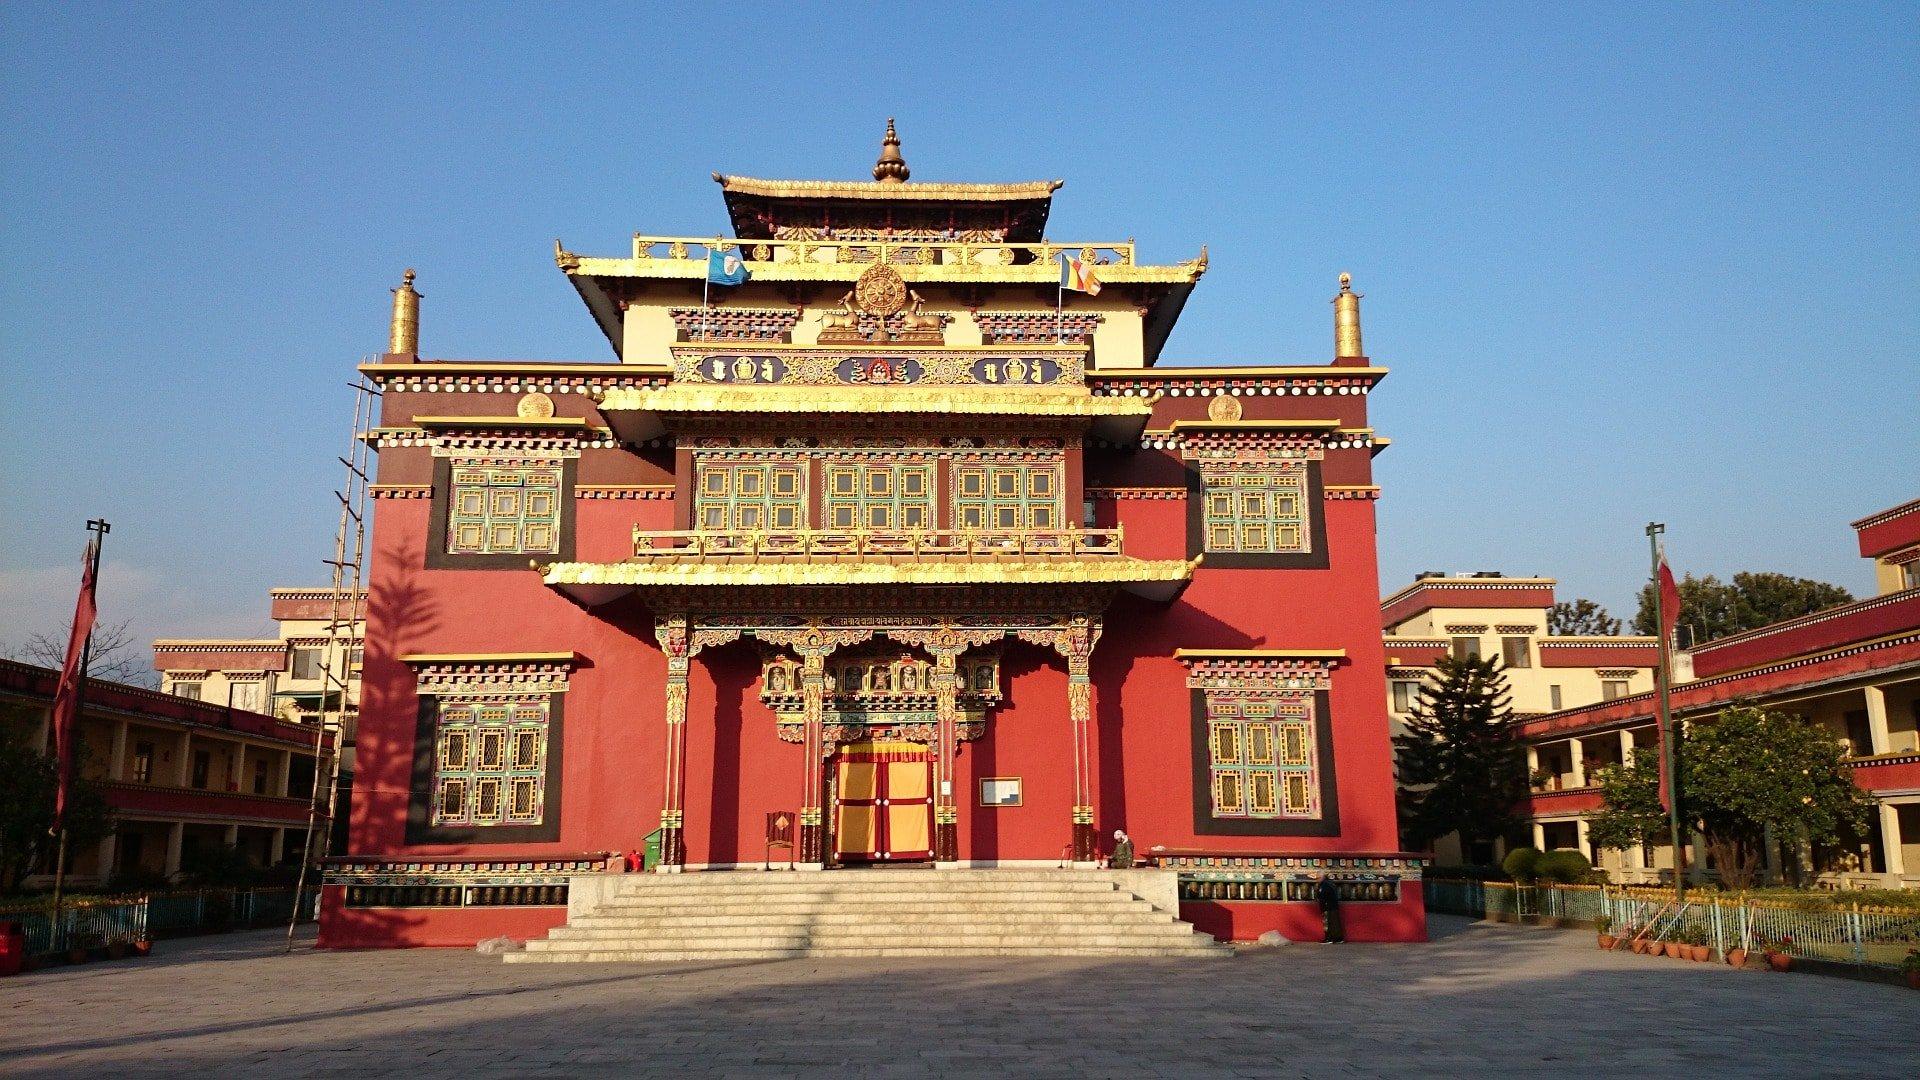 Pullahari Monastery in Nepal